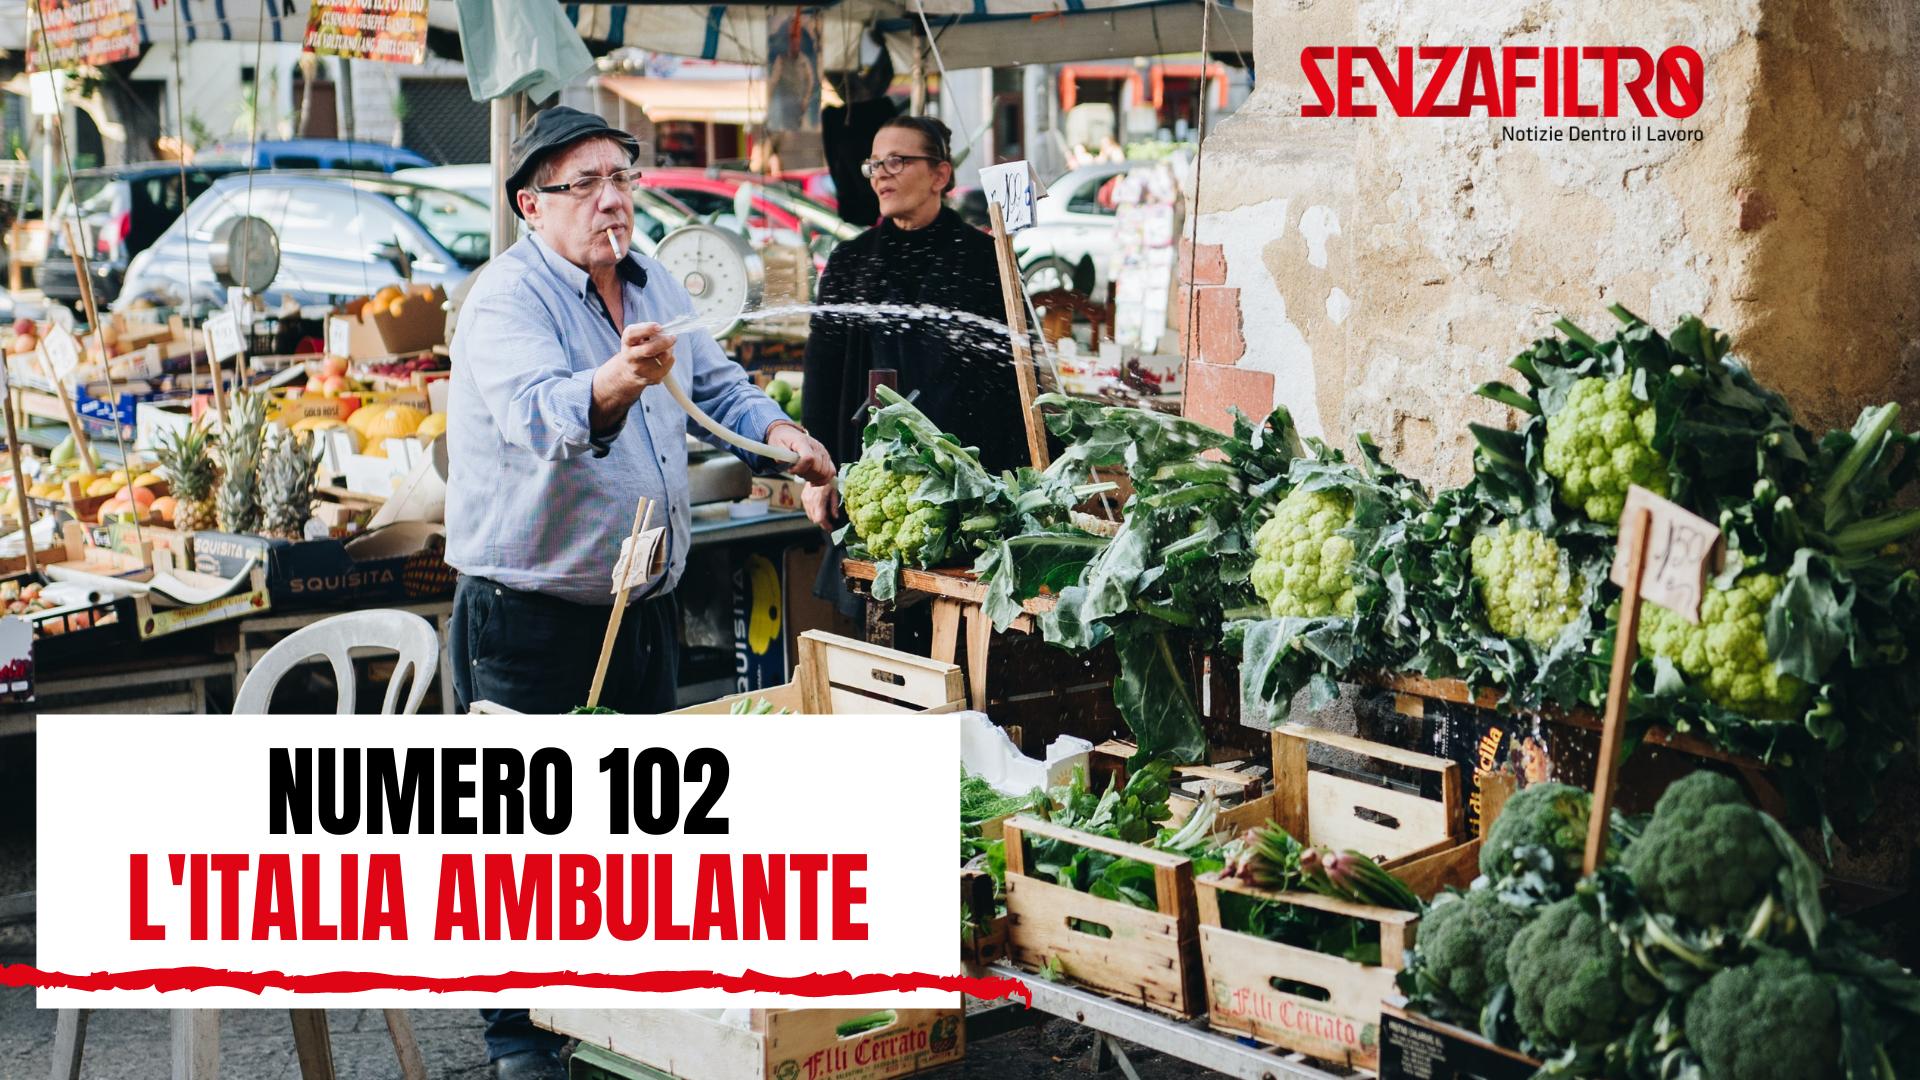 Venditori ambulanti in copertina del mensile 102 di SenzaFiltro: